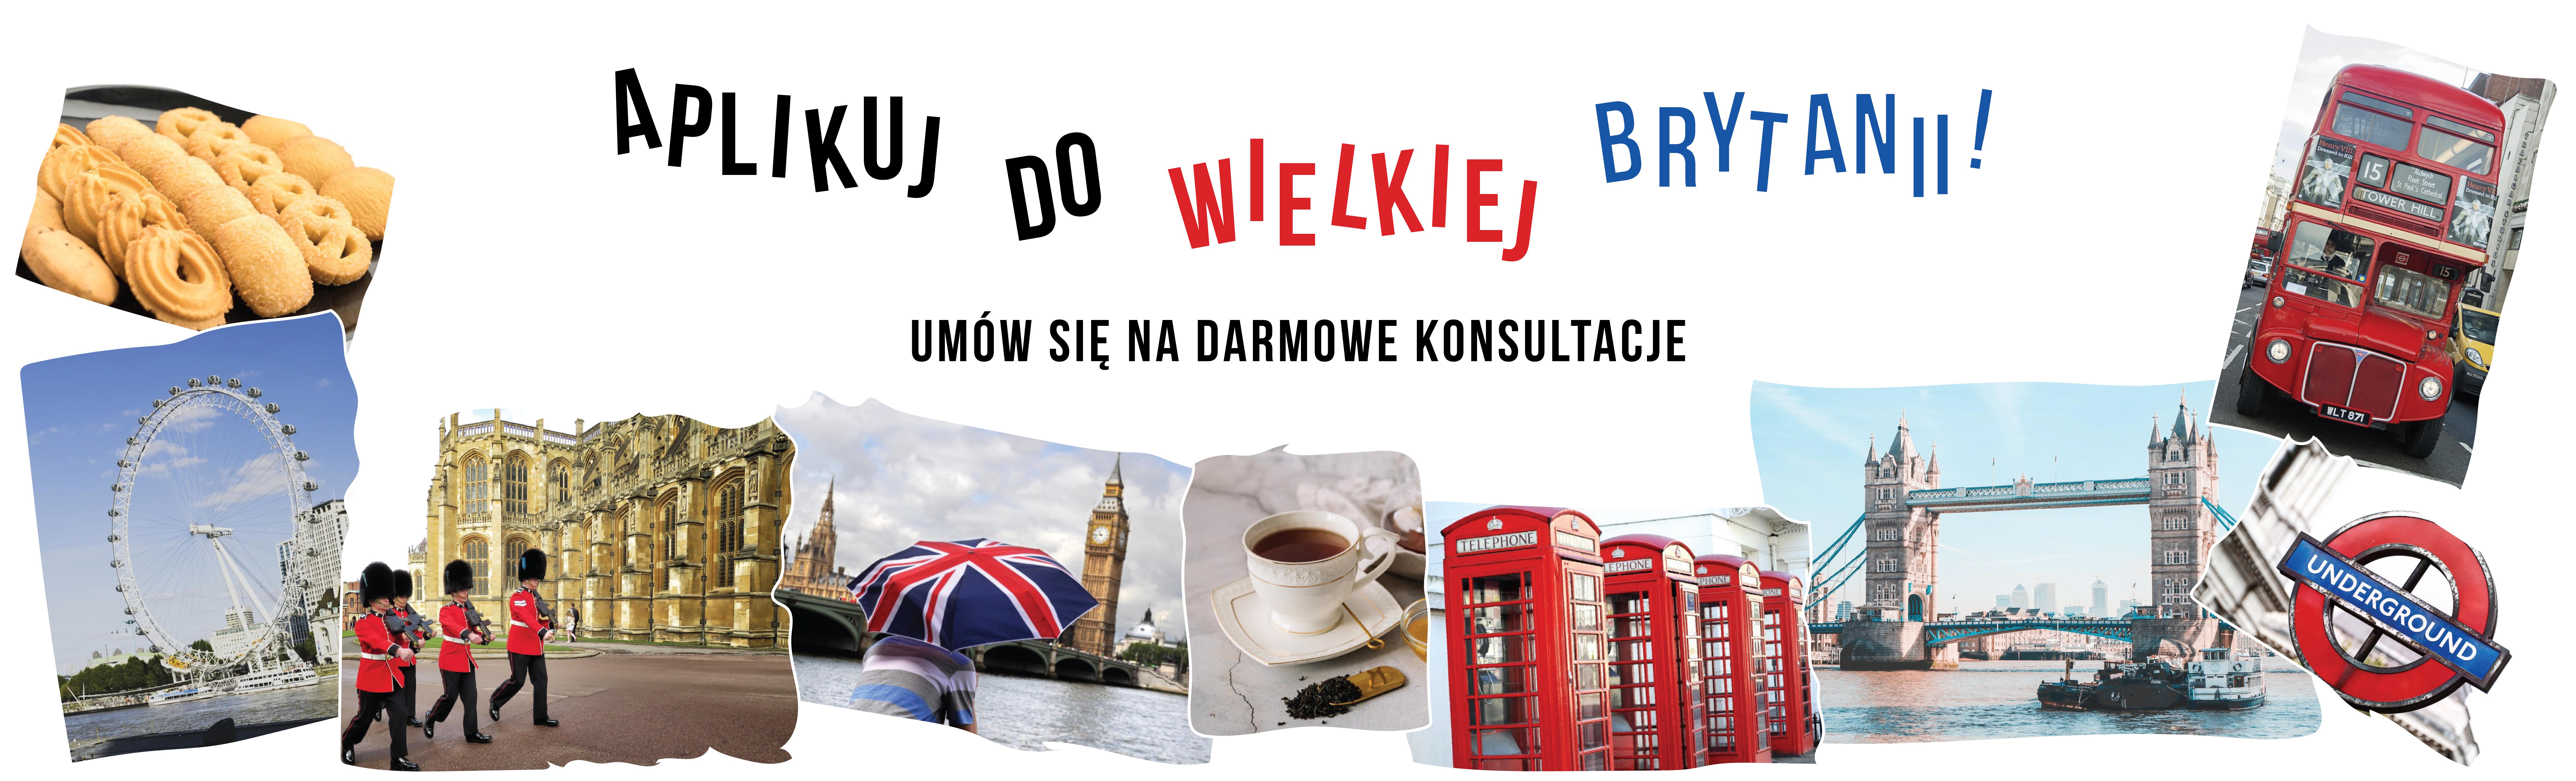 Aplikuj do Wielkiej Brytanii!